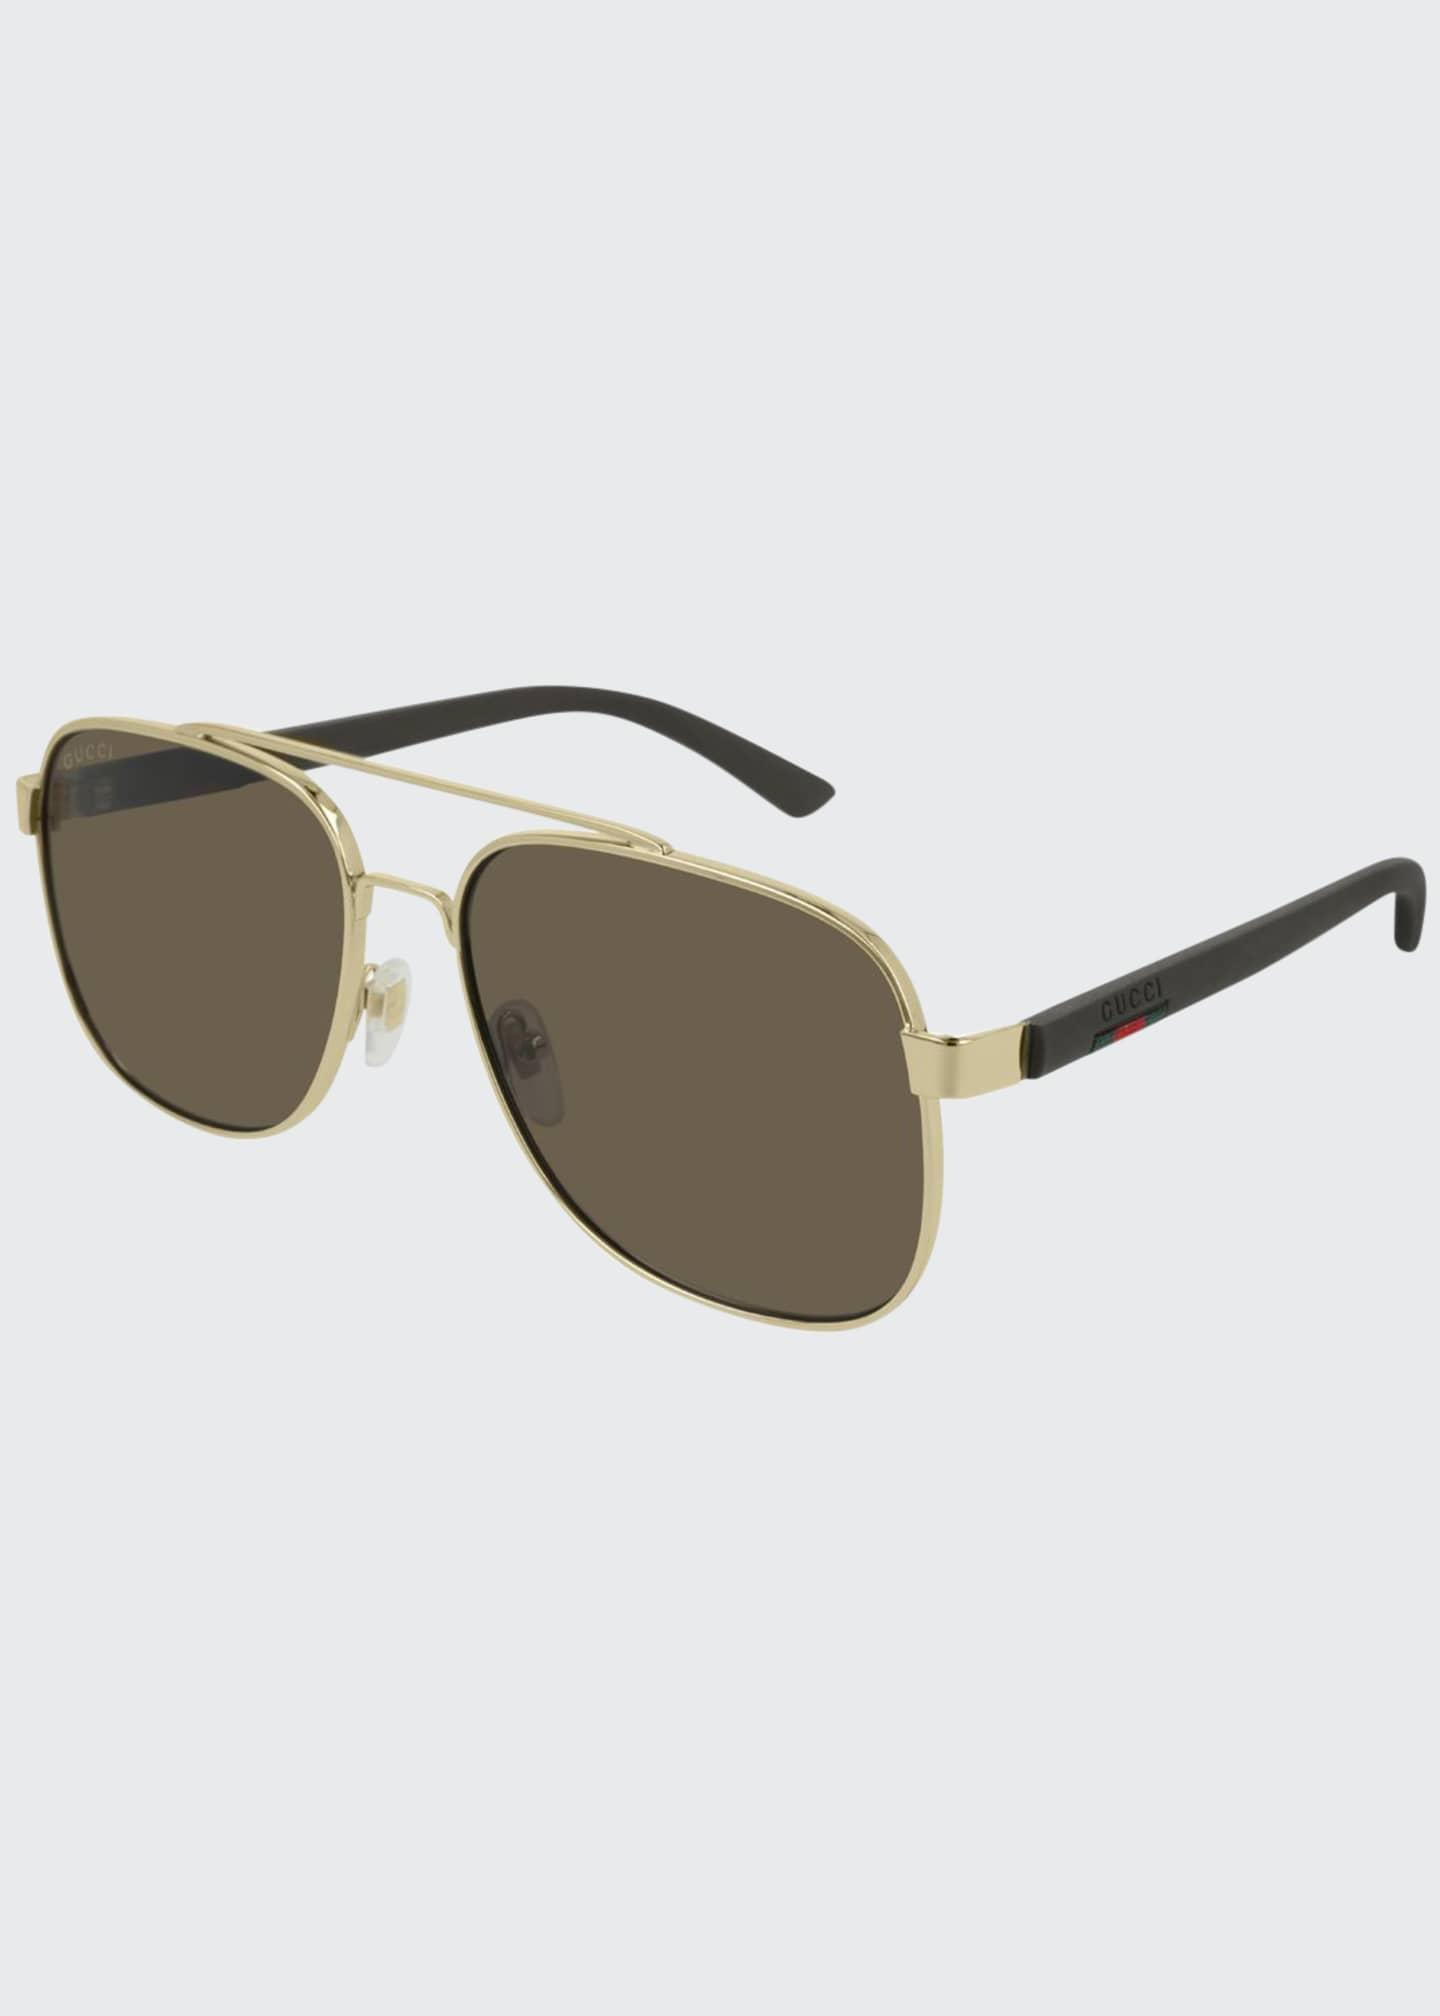 Gucci Men's GG0422S003M Aviator Sunglasses